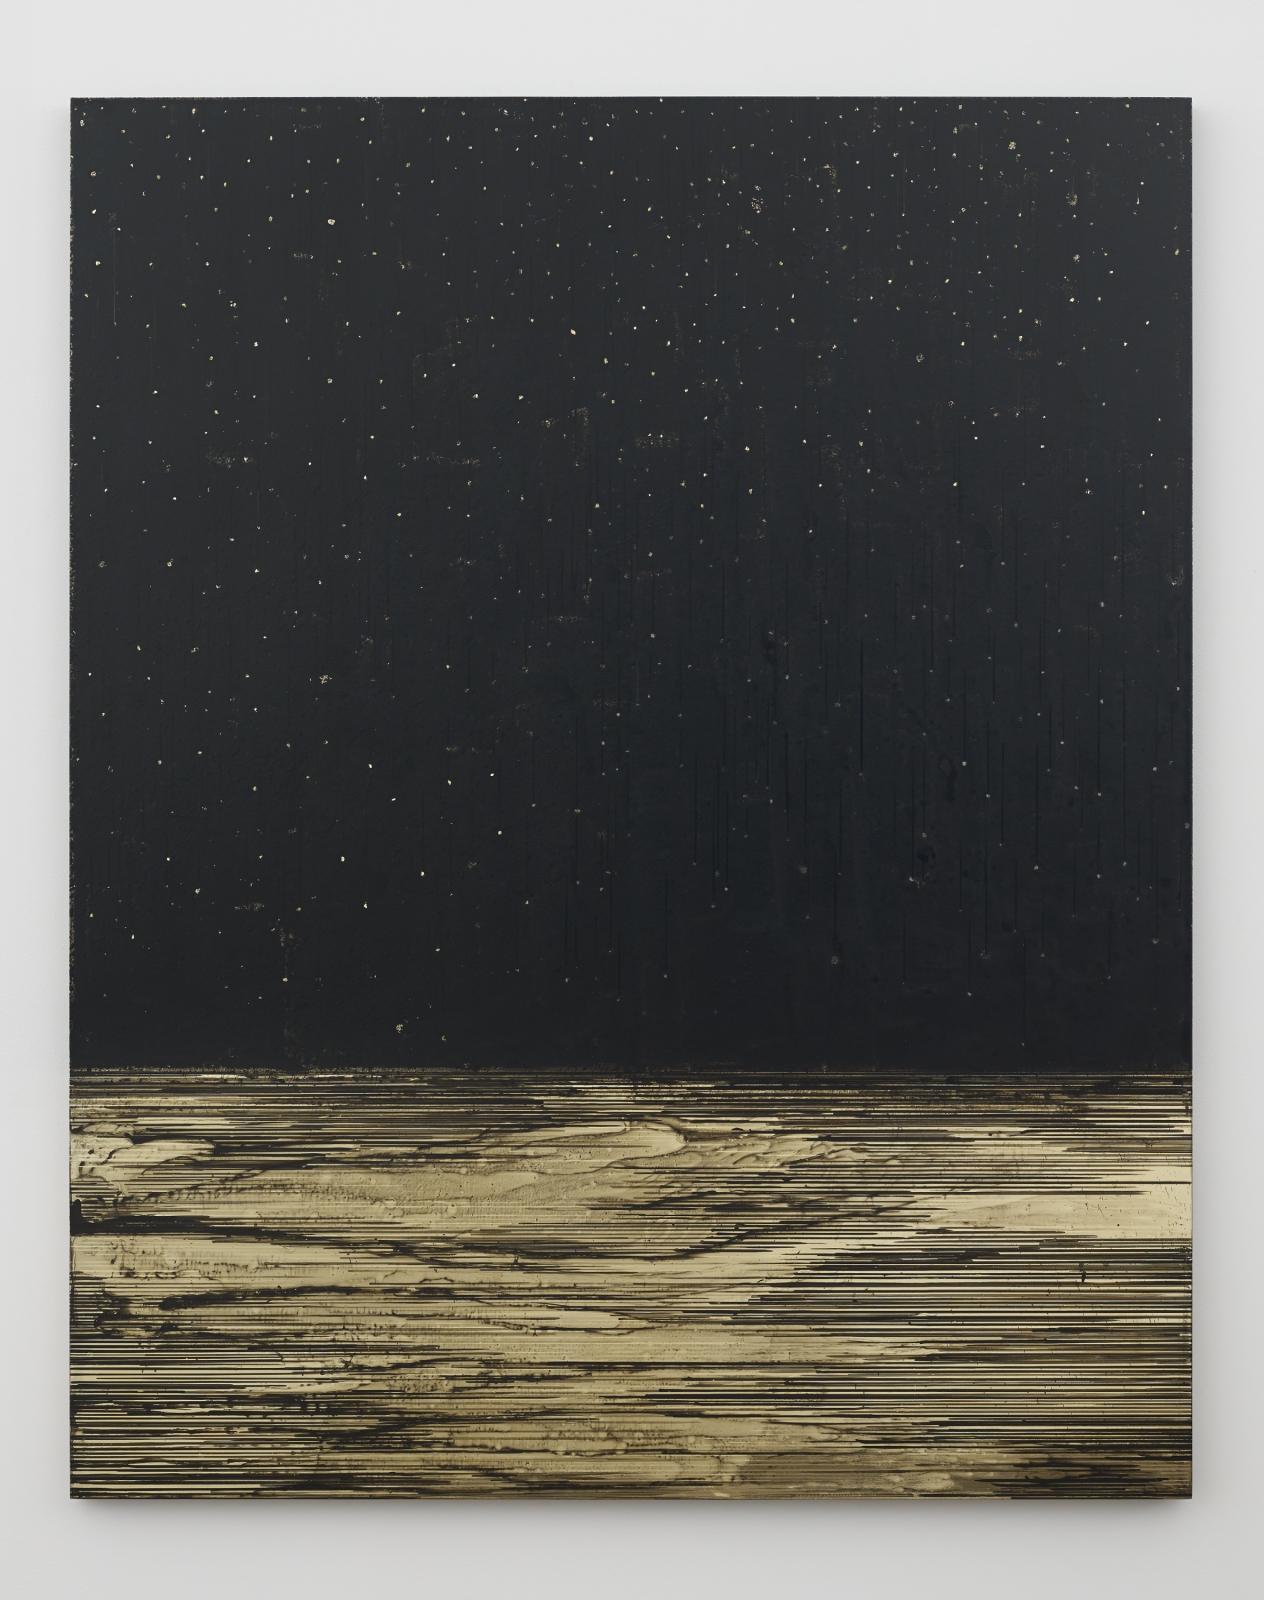 TERESITA FERNÁNDEZ, Golden (Onyx Sky), 2014